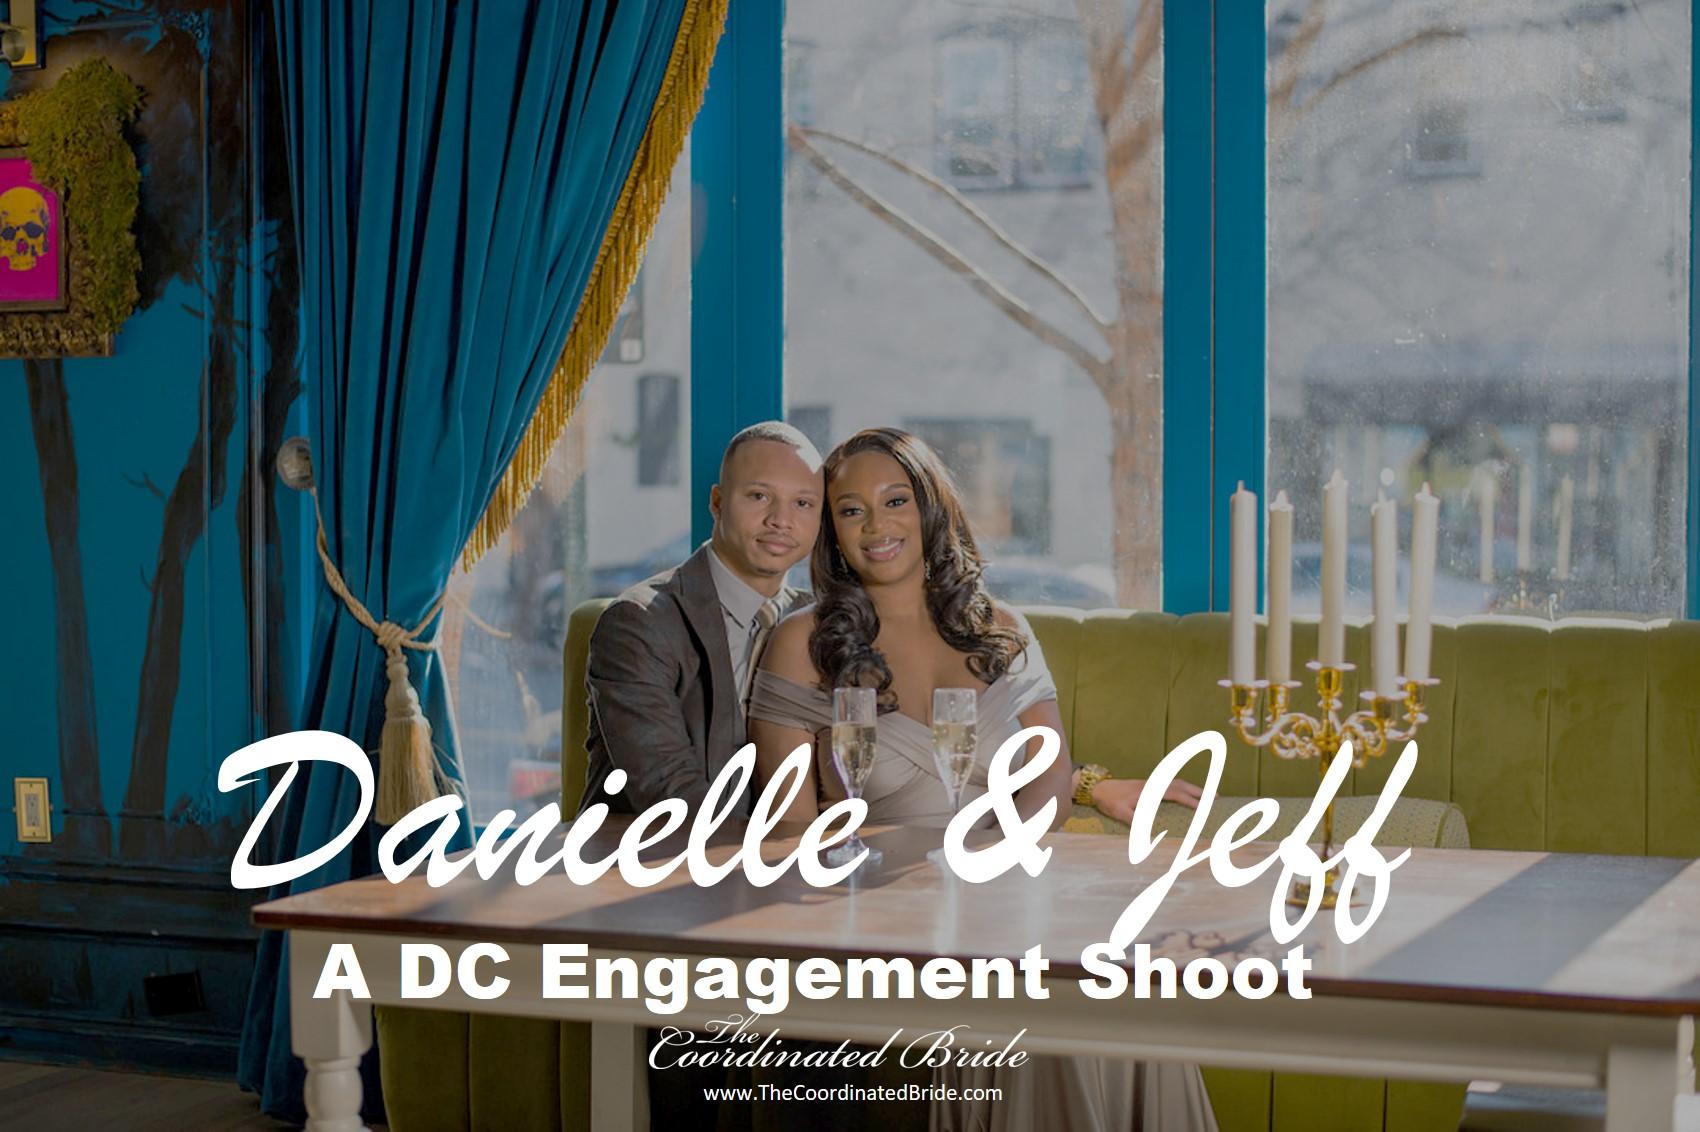 Gorgeous & Chic Engagement Shoot, Danielle & Jeff